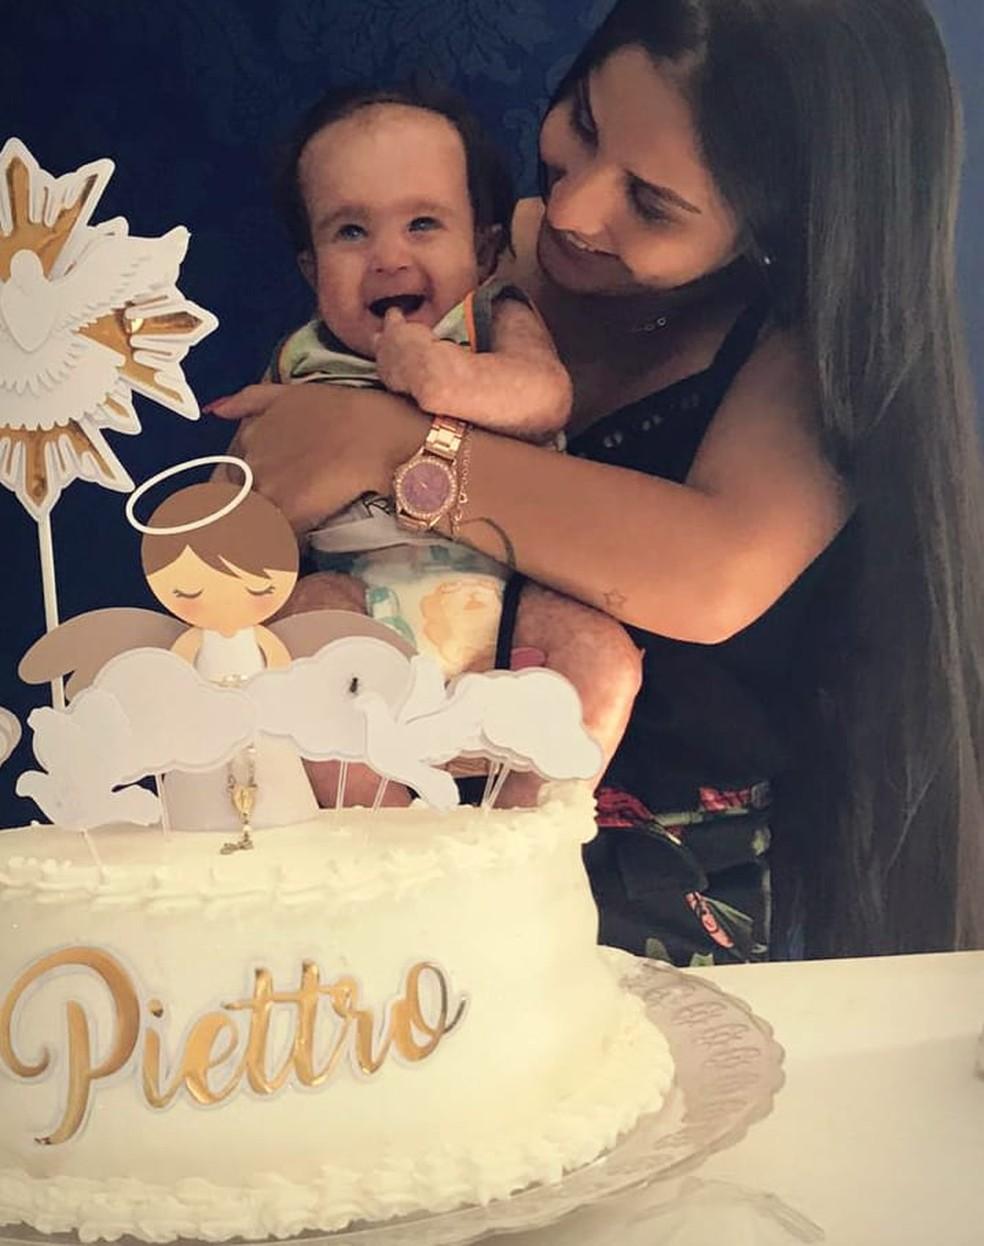 Piettro, de Itapira (SP), tem 11 meses e foi diagnosticado aos três meses com a síndrome de Rothmund-Thomson  — Foto: Natália Matos/Arquivo Pessoal